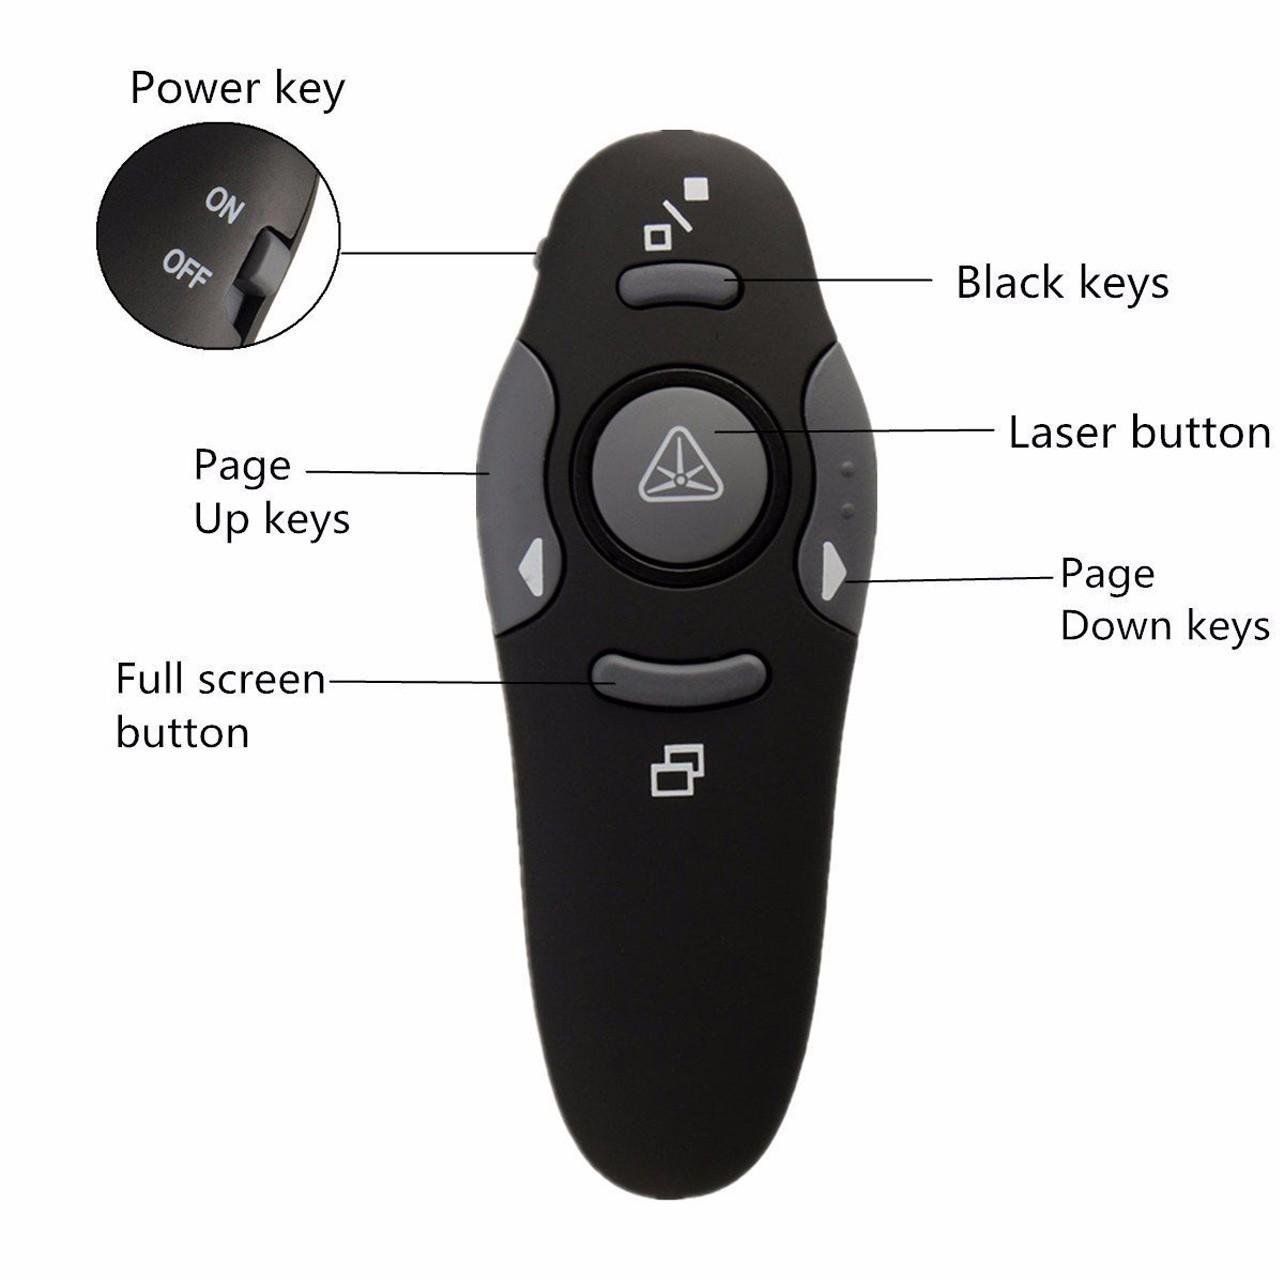 پرزنتر 5 کلید به همراه Laser Pointer